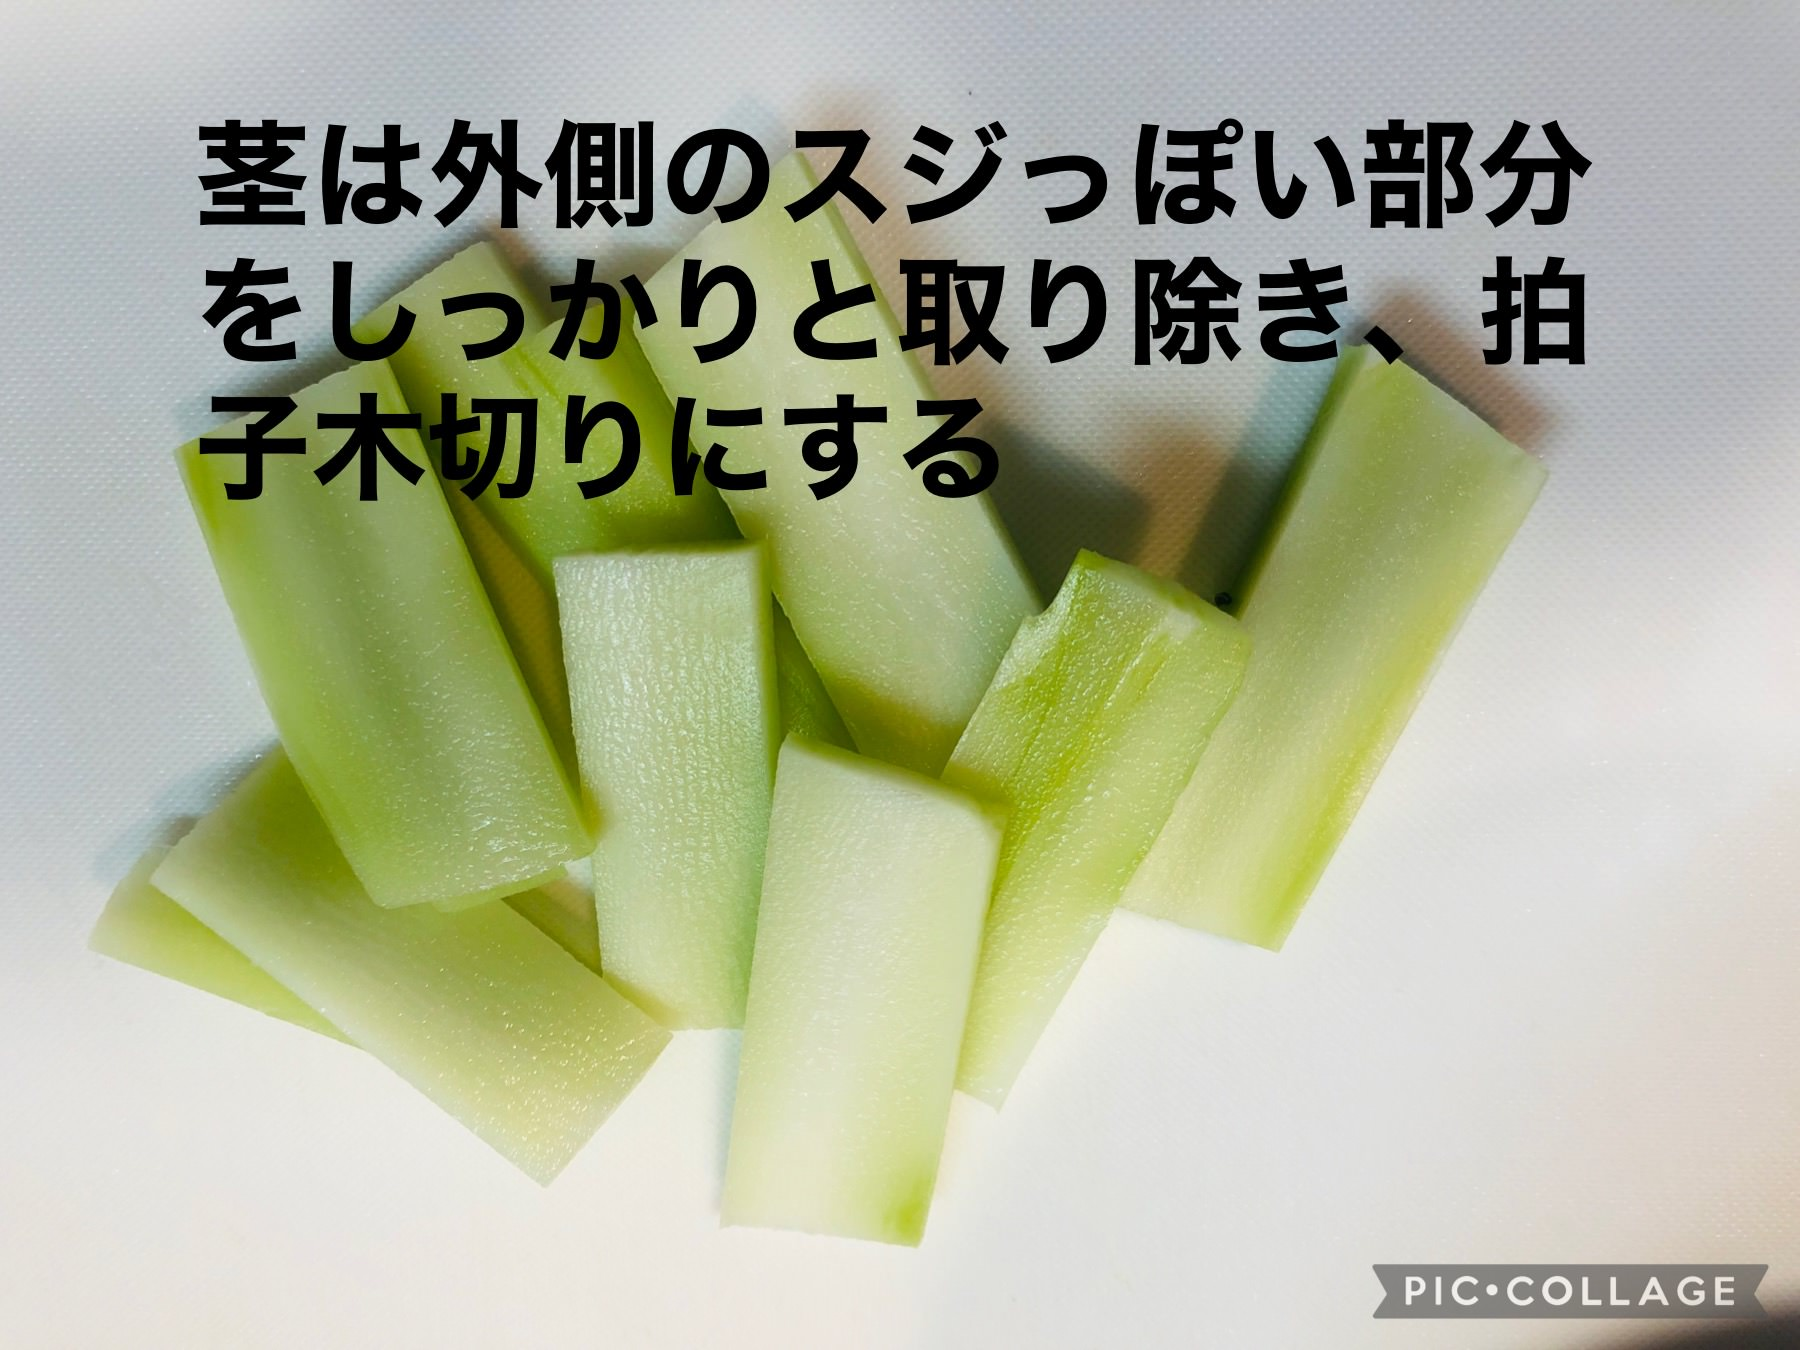 ブロッコリーの茎を拍子木切り下画像です